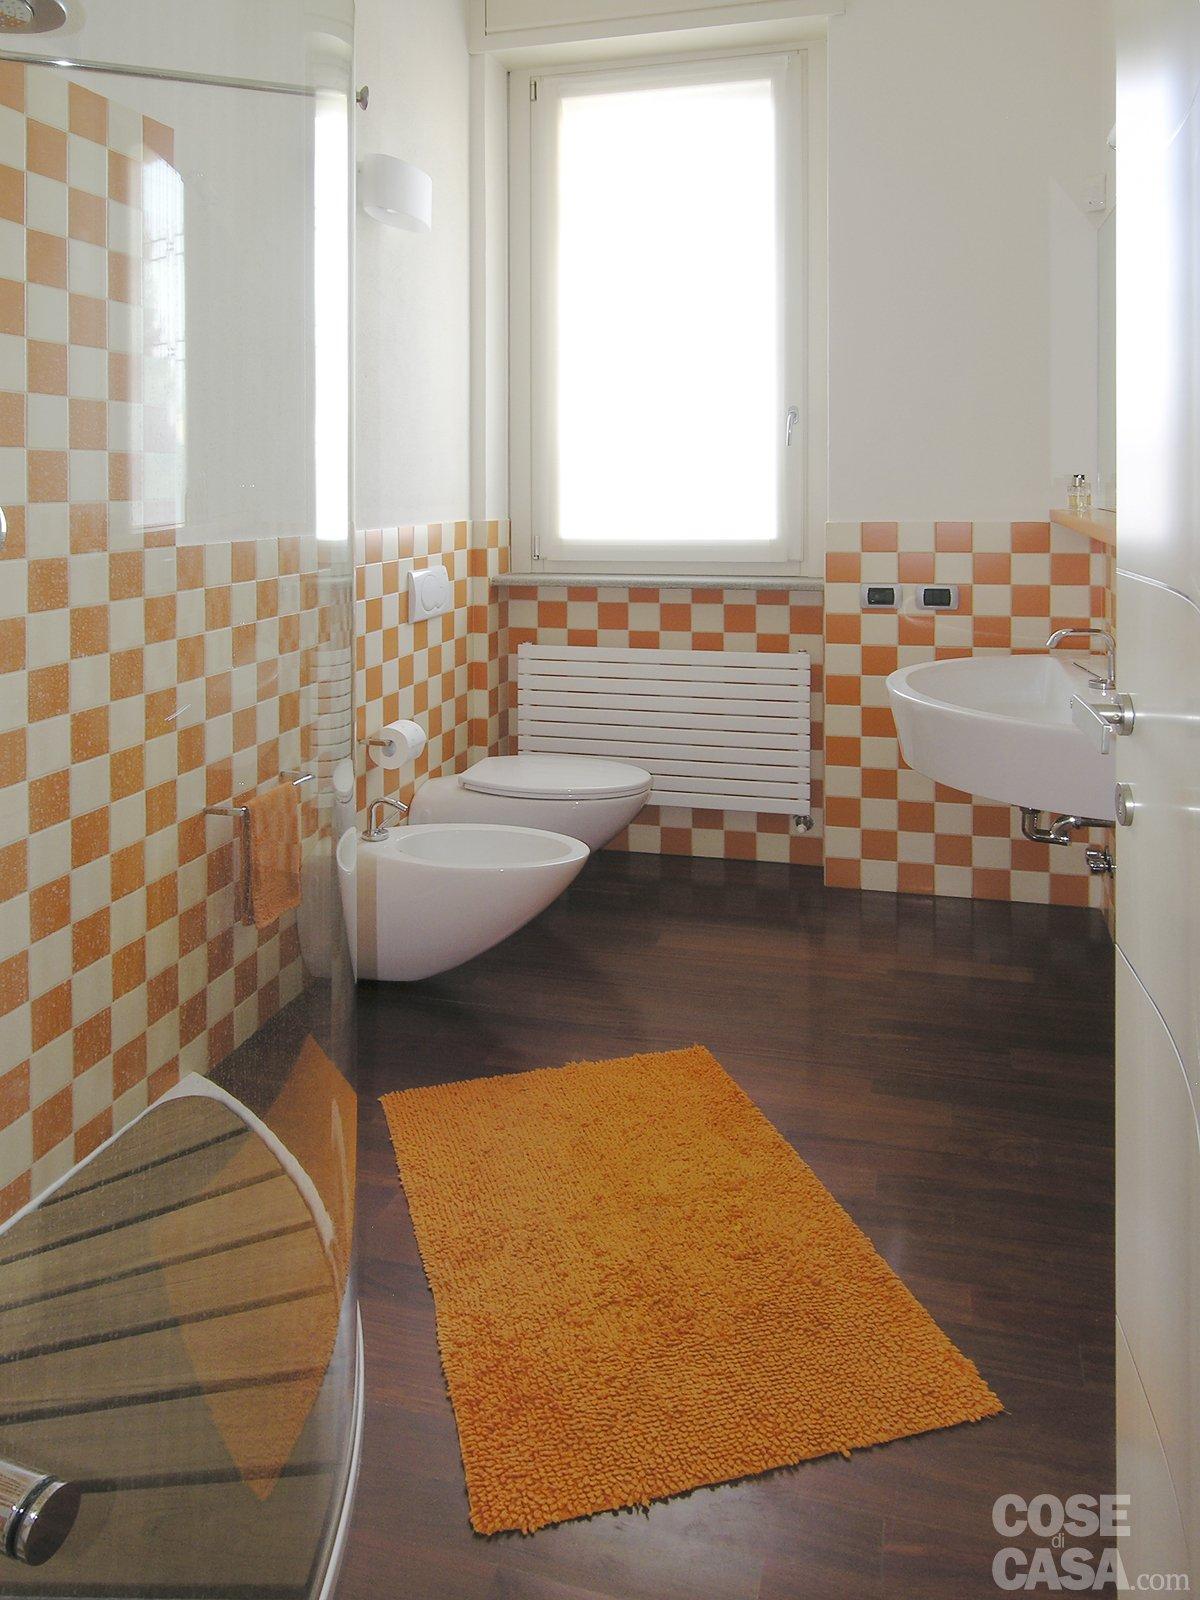 Una casa con tante idee da copiare cose di casa - Pannelli per coprire piastrelle cucina casa ...